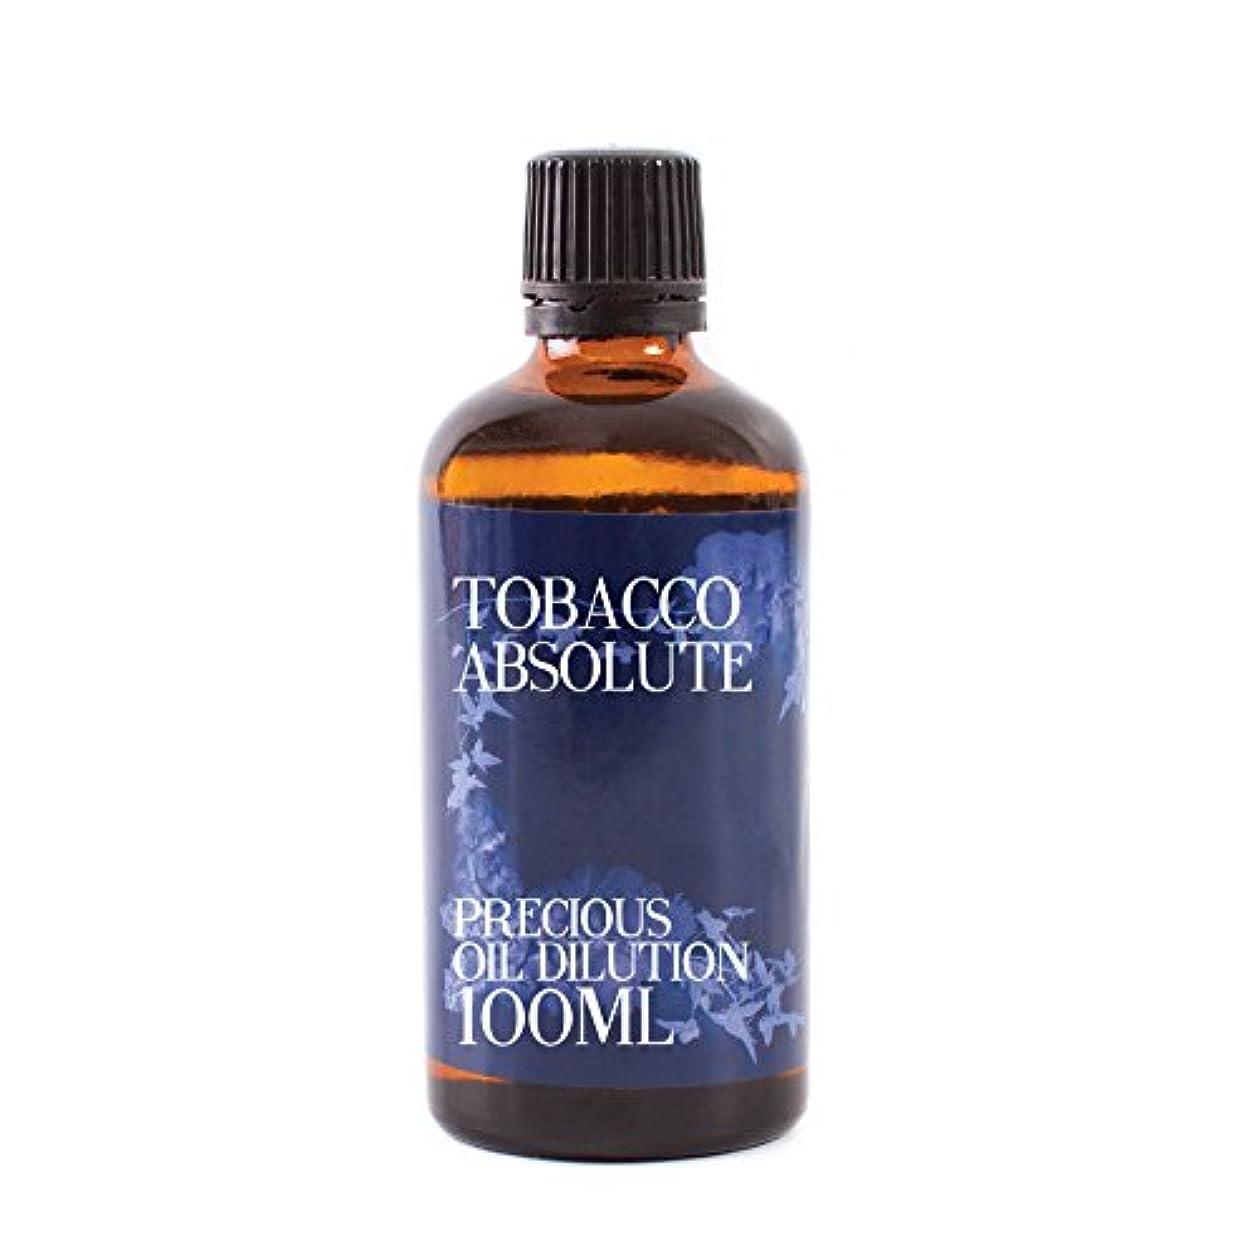 スチュワードドロップ揃えるTobacco Absolute Oil Dilution - 100ml